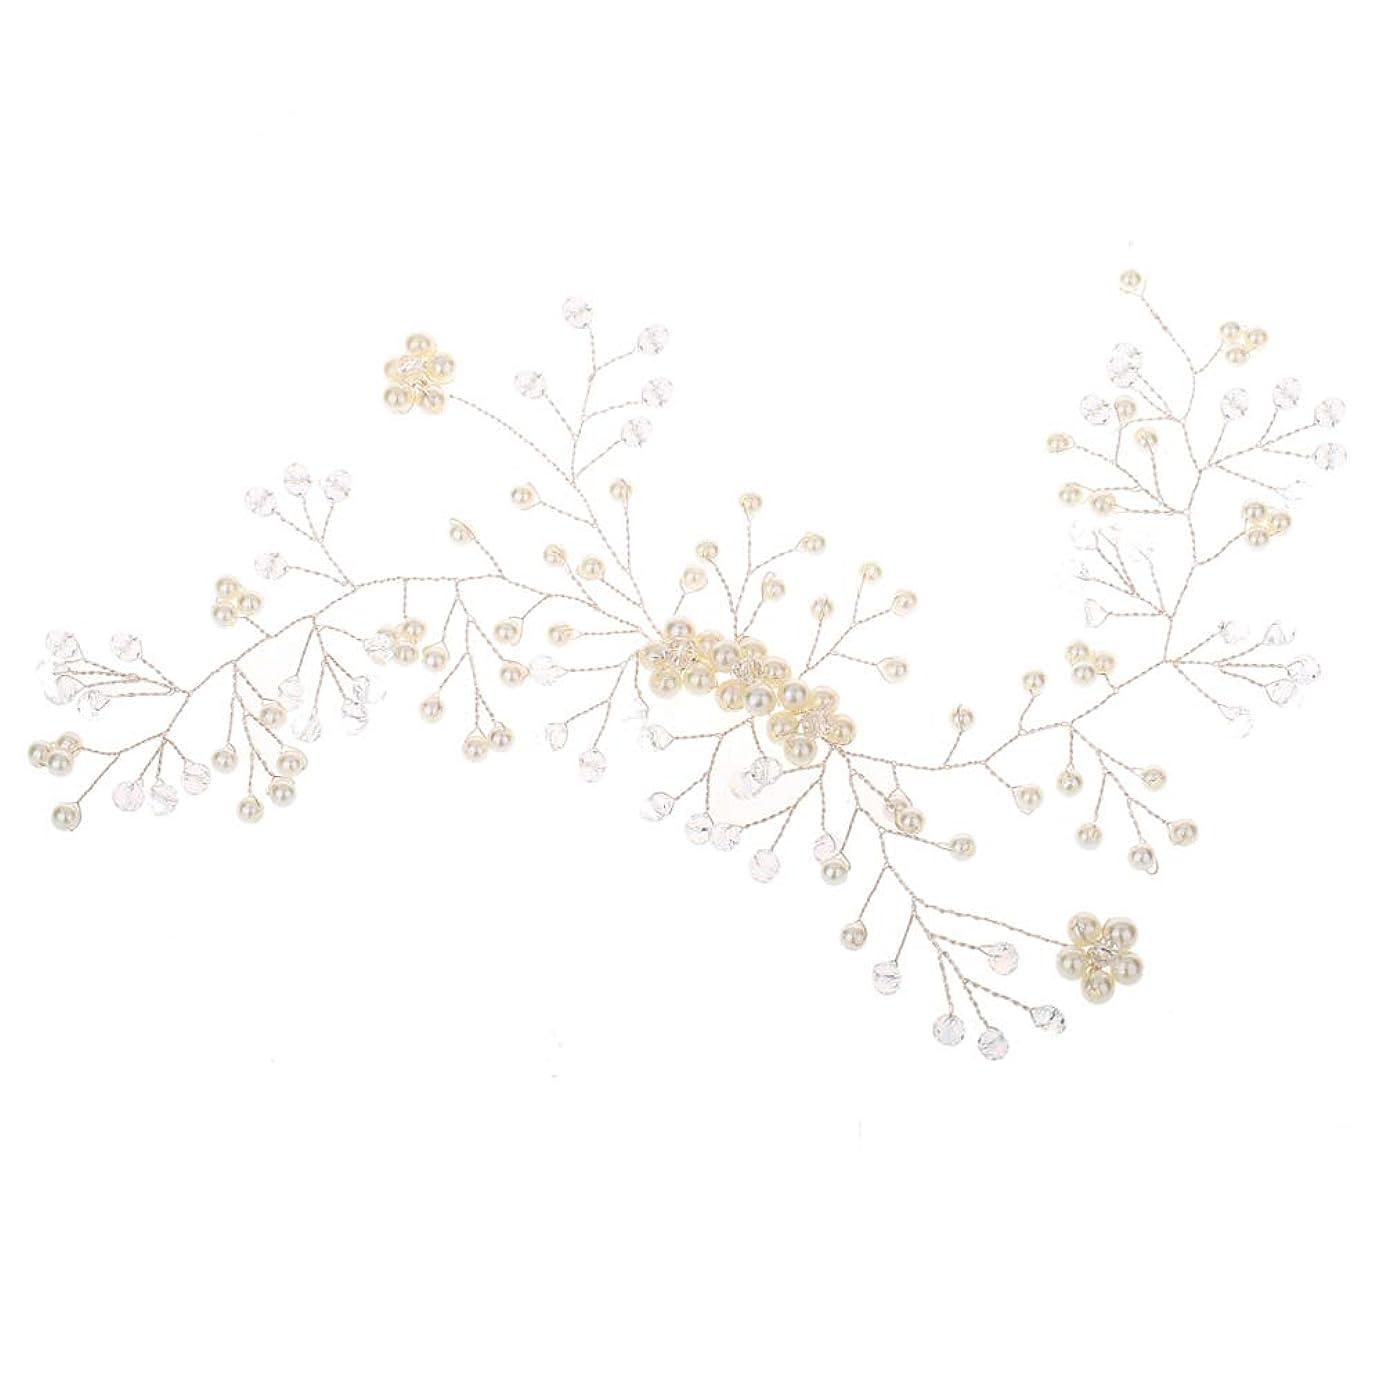 計り知れない団結高潔な花嫁のウェディングヘッドバンドブライダルブライダルパールヘッドピースウェディングパーティー(ホワイト)